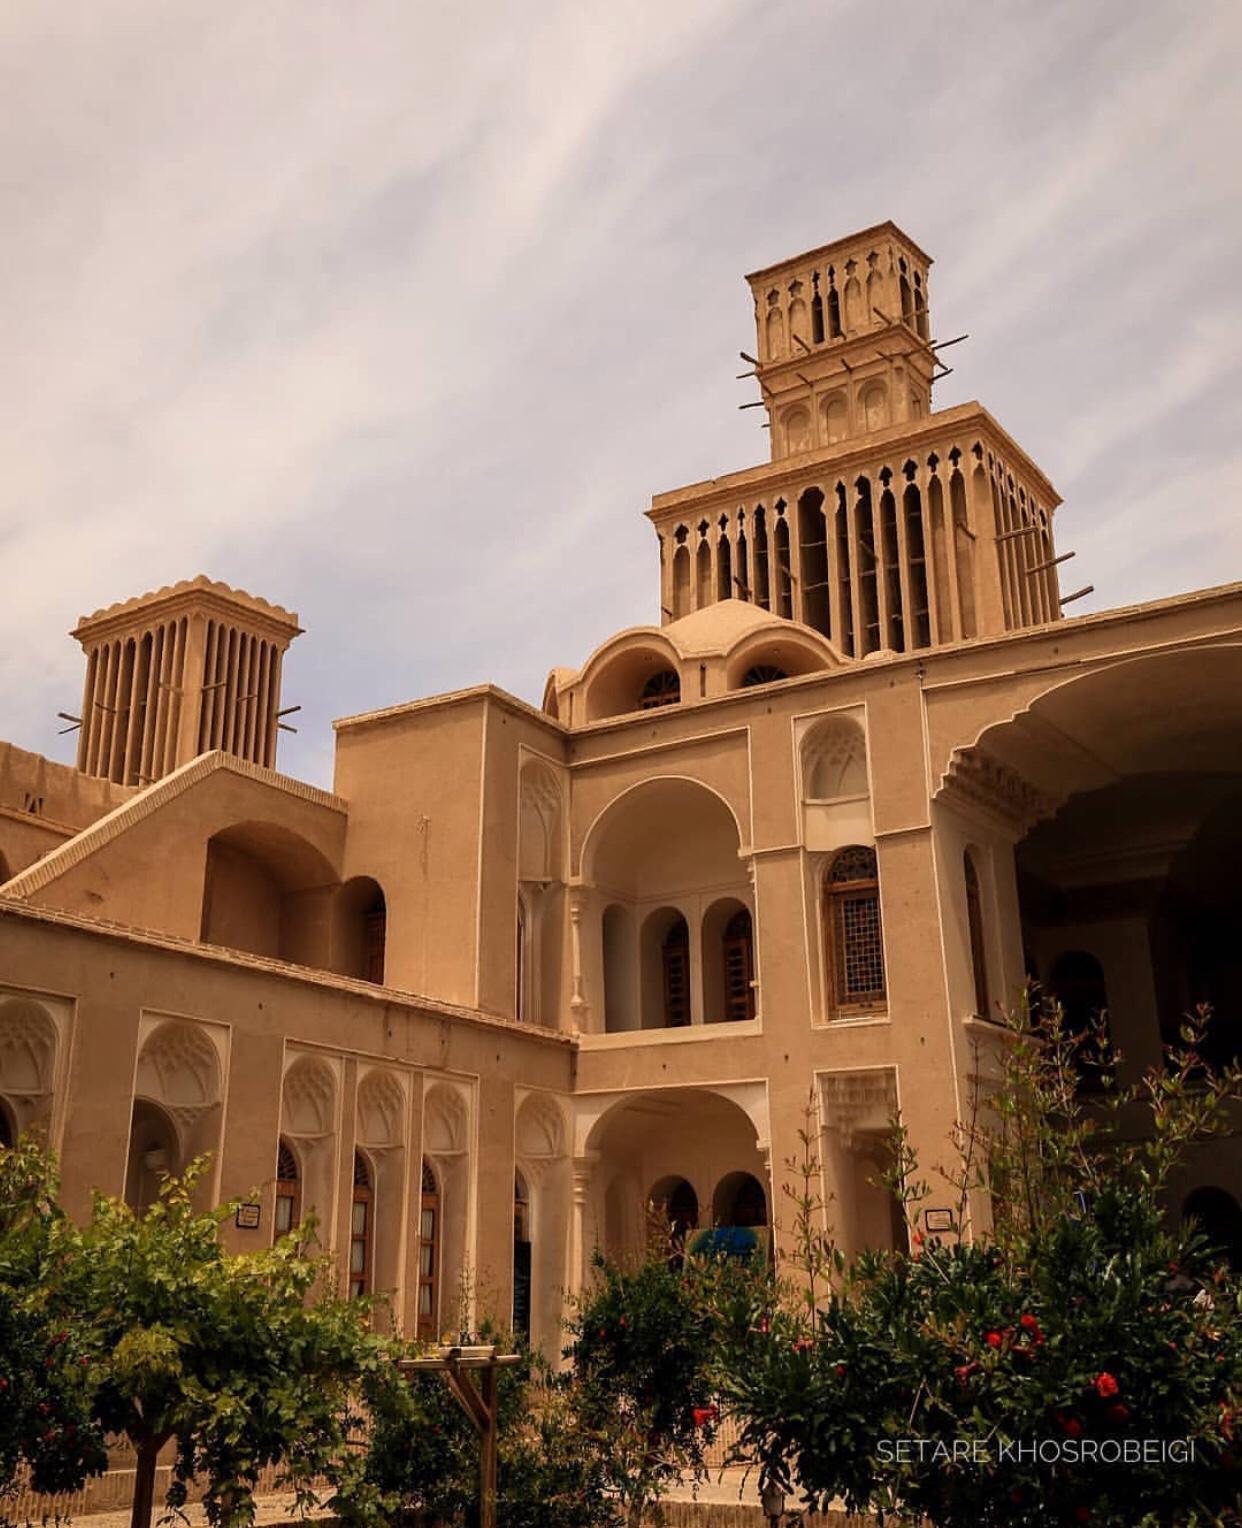 عدسة إيرانية: لاقط الهواء في يزد، منظومة تبريد تقليدية في مدينة وسط الصحراء 3